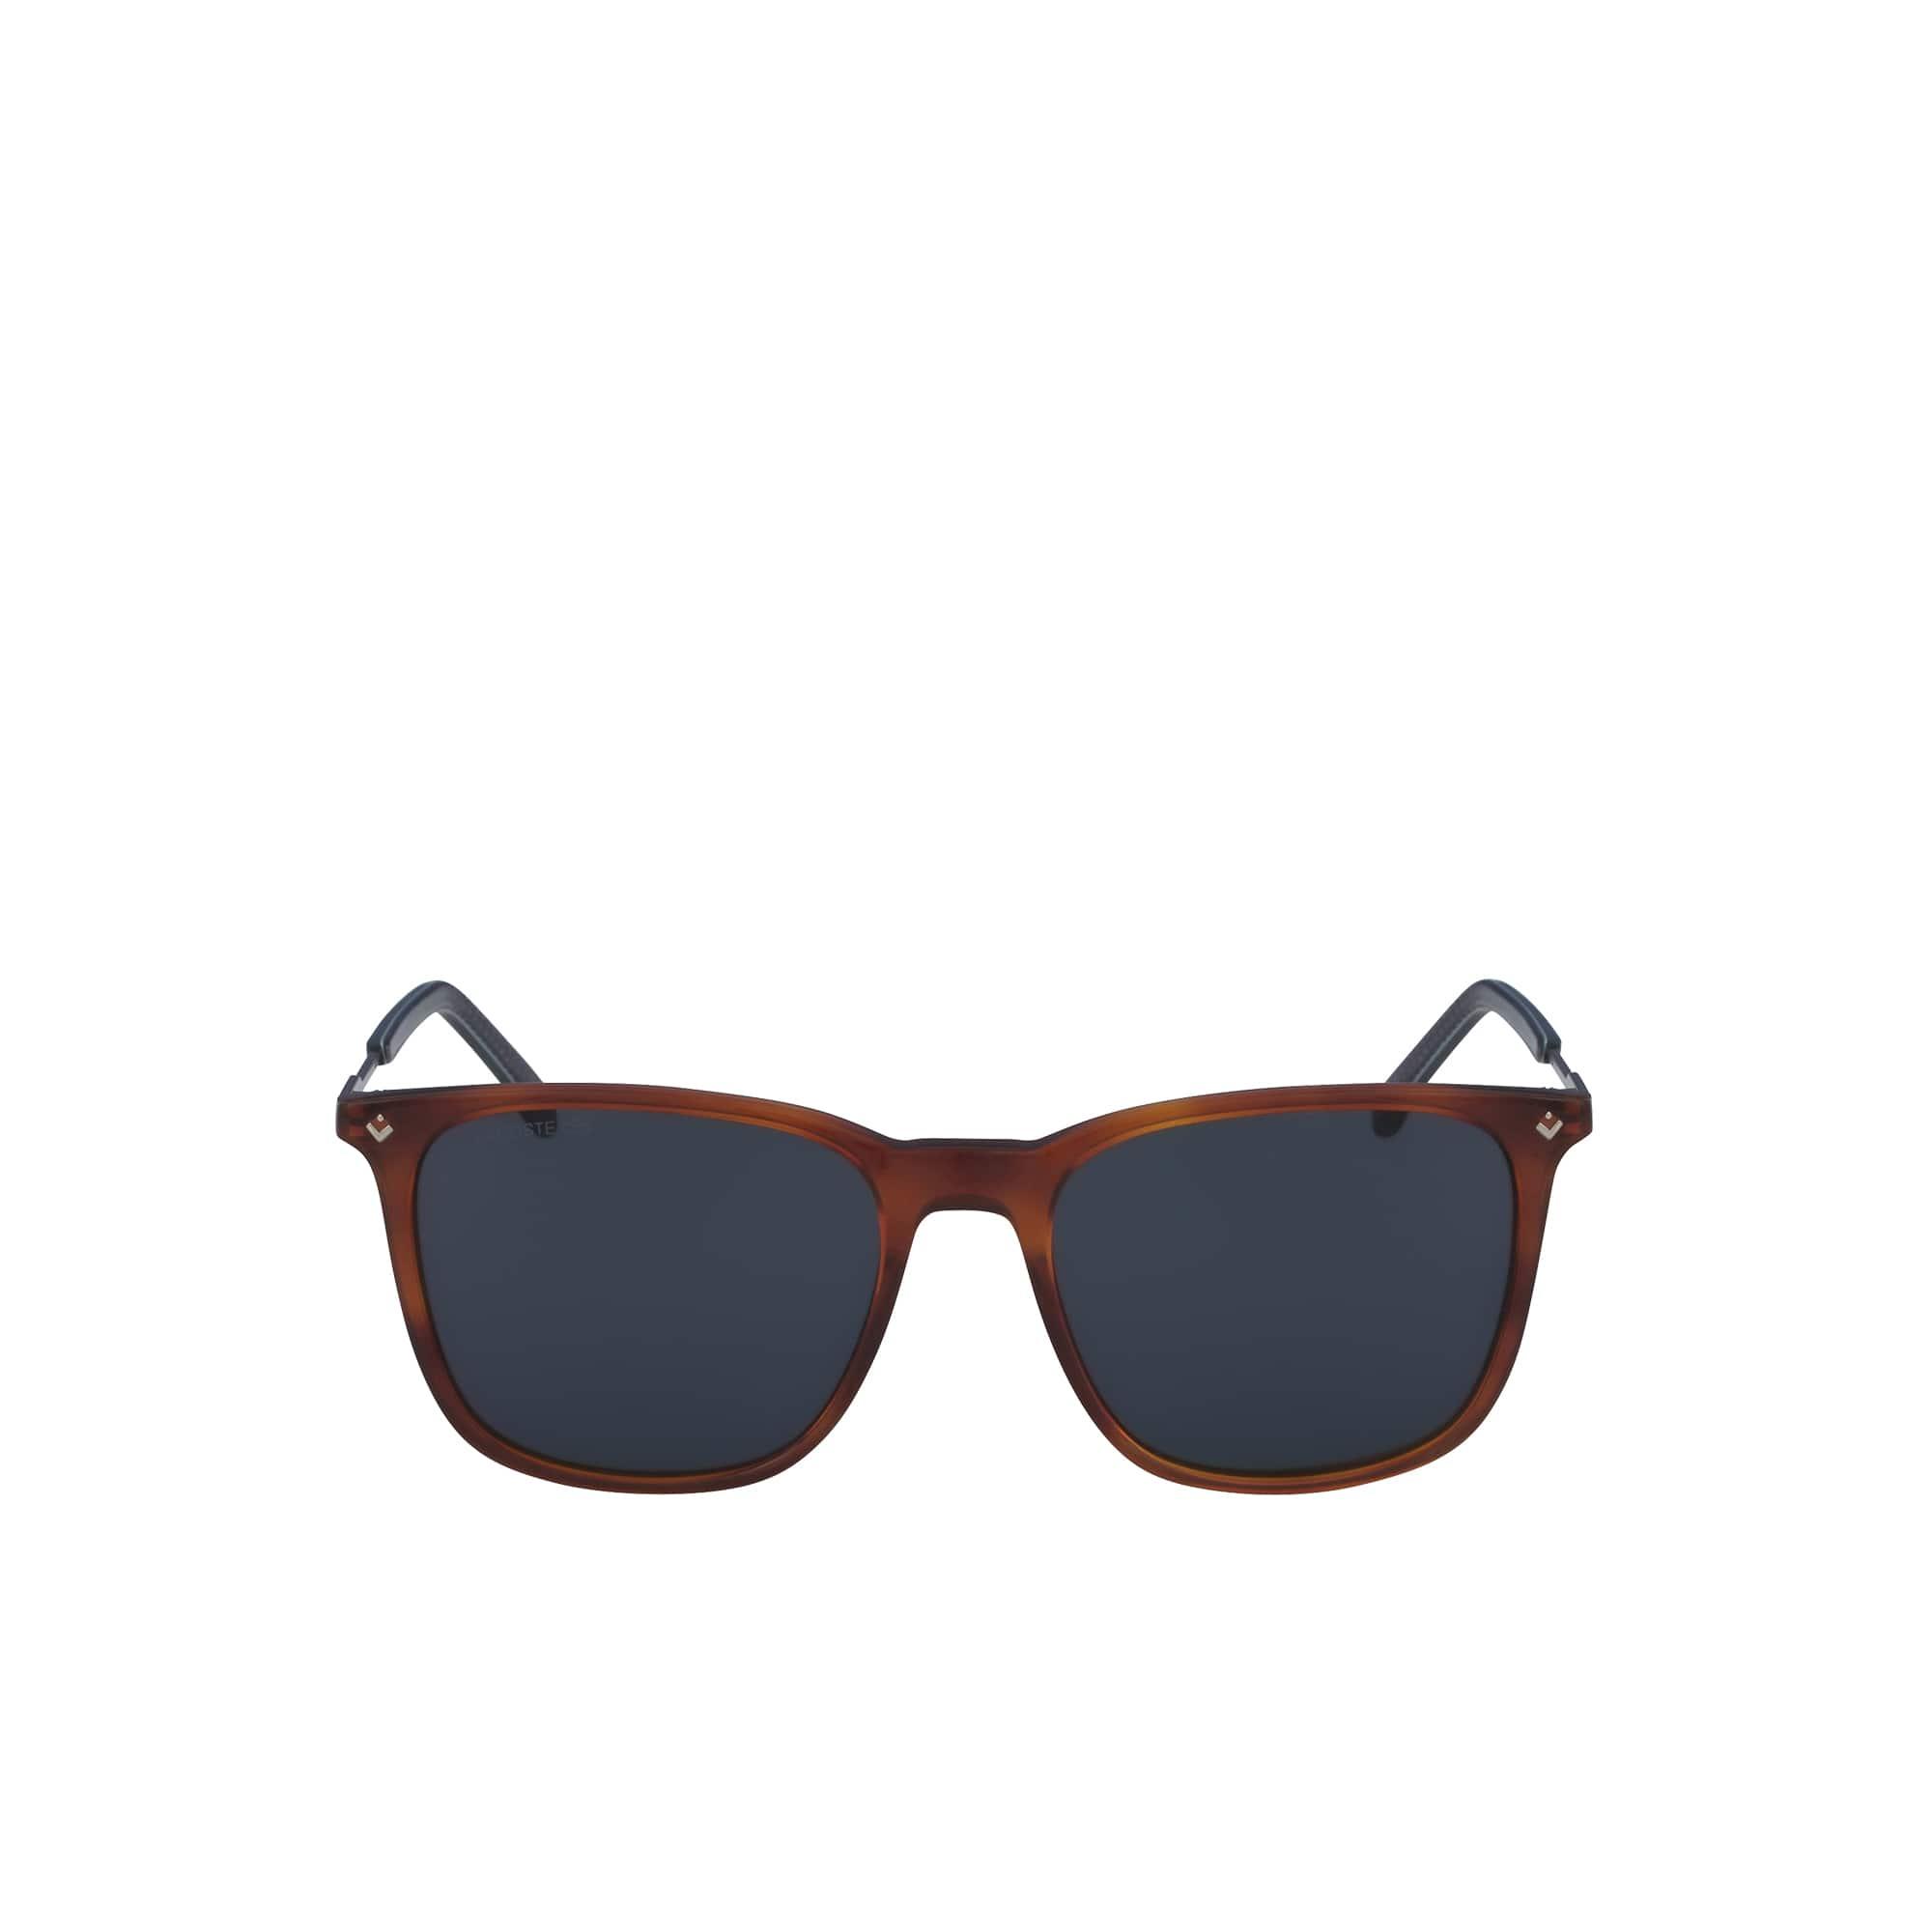 Gafas De Sol Para Hombre De Petit Piqué Con Montura De Acetato Y Metal